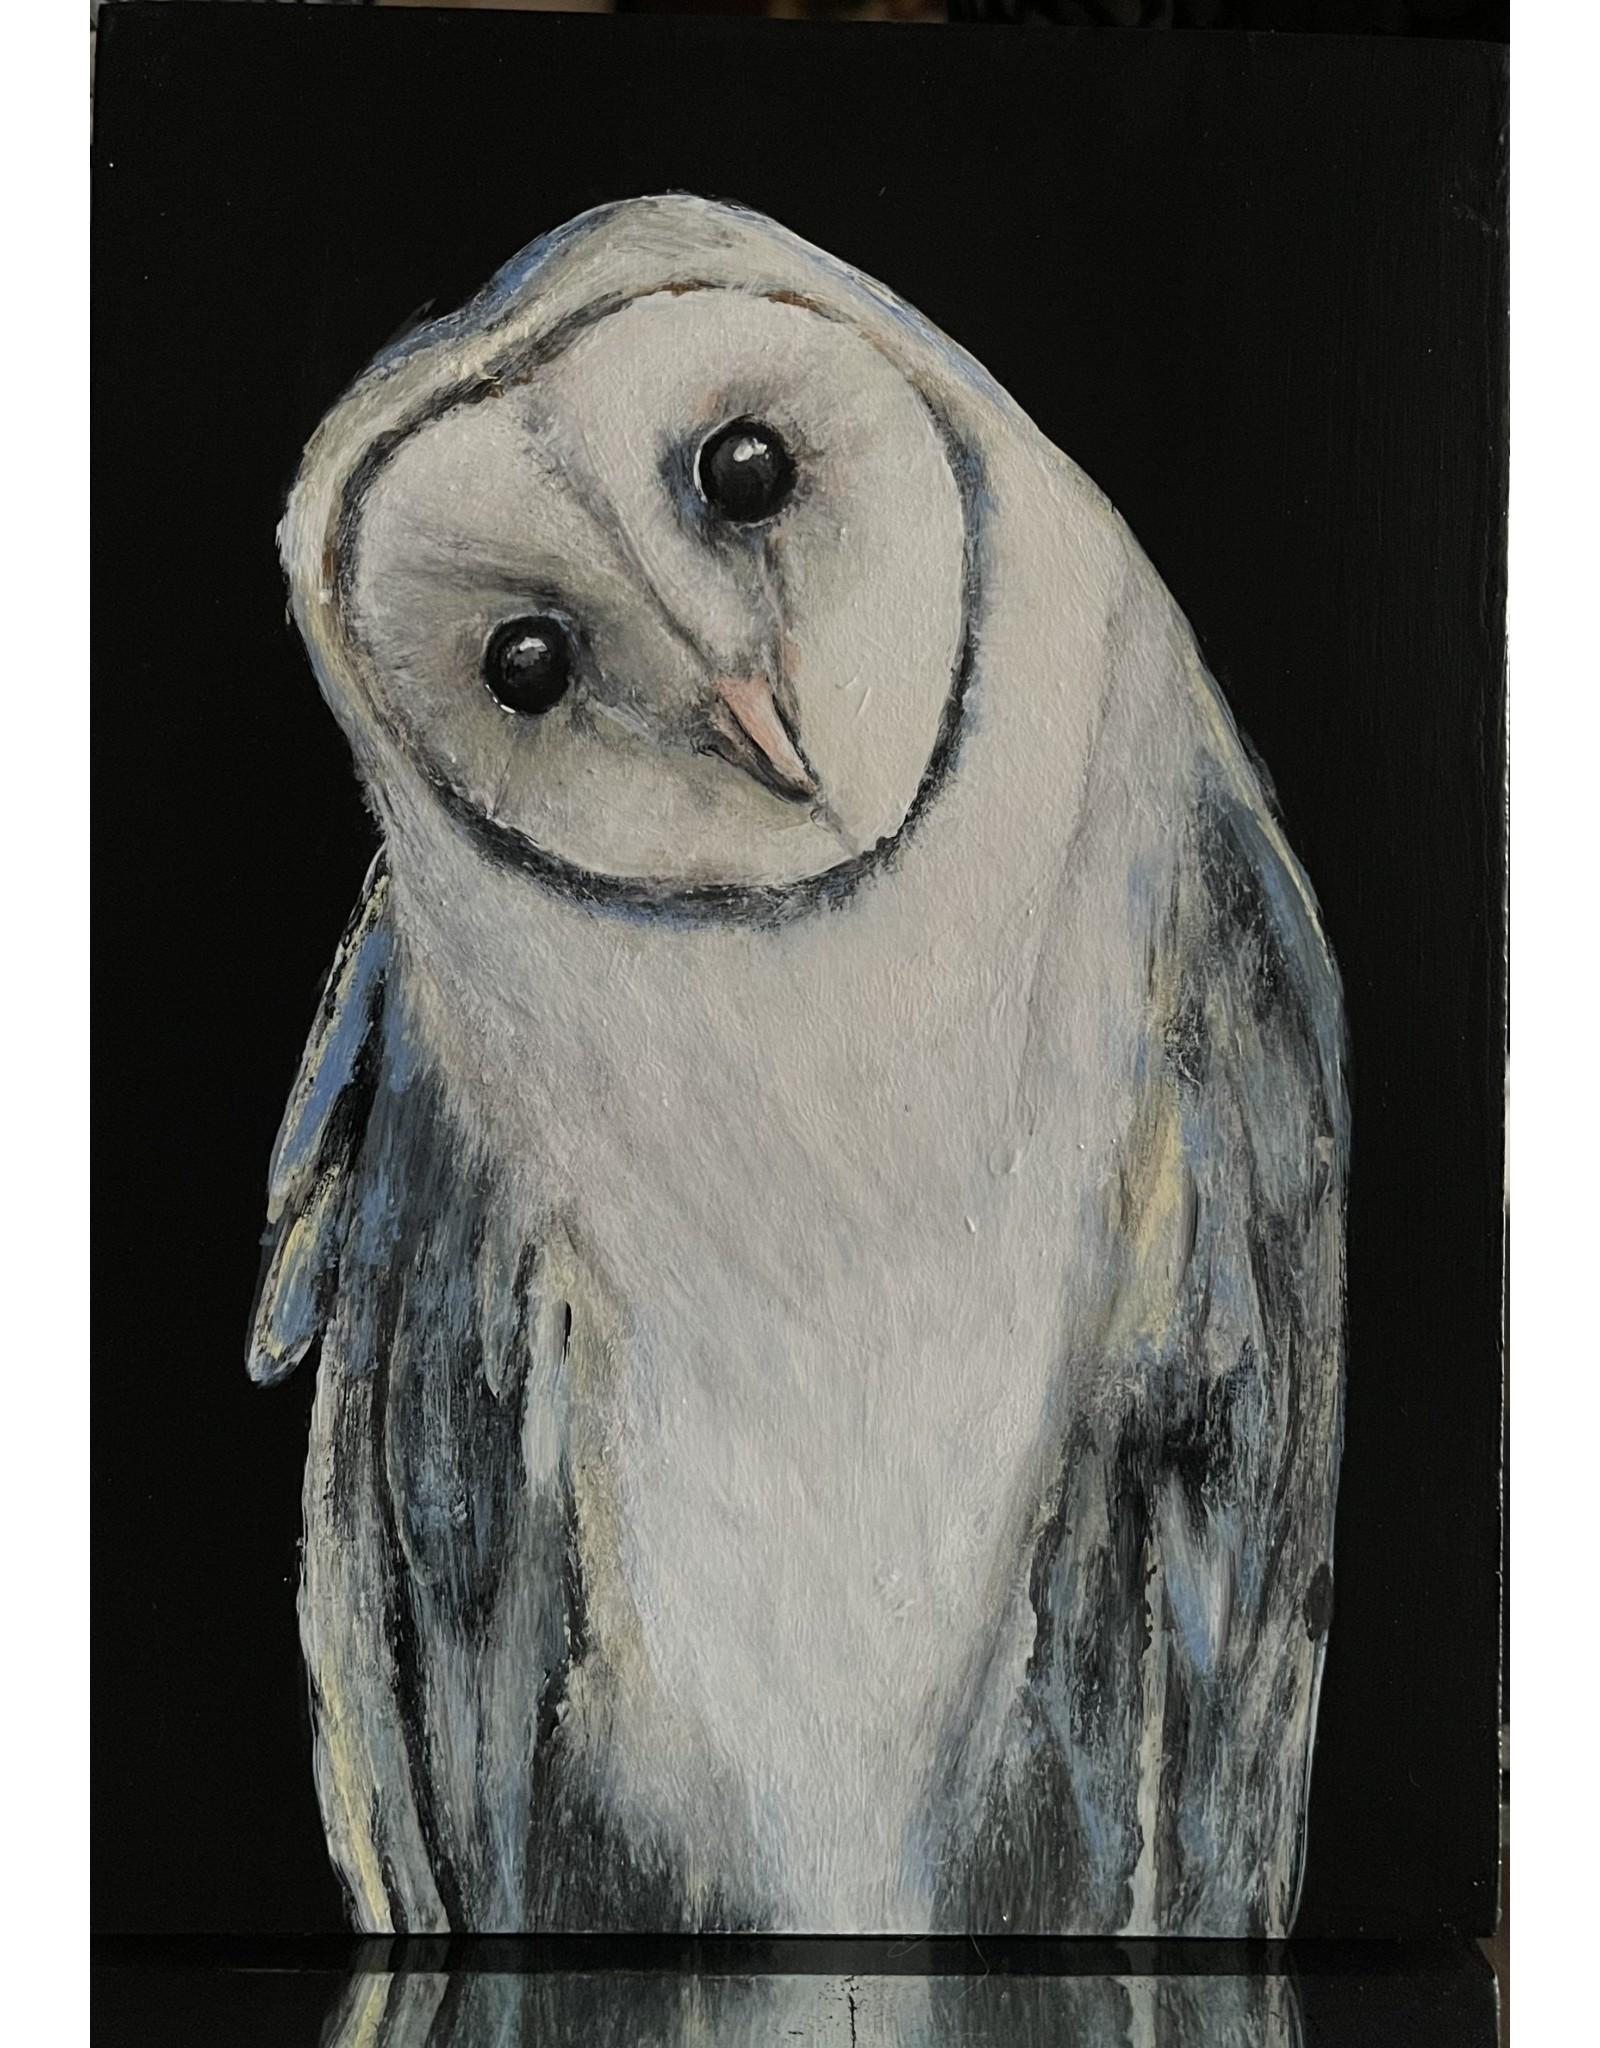 Annette Colby - Painter 'Celeste - Annette Colby